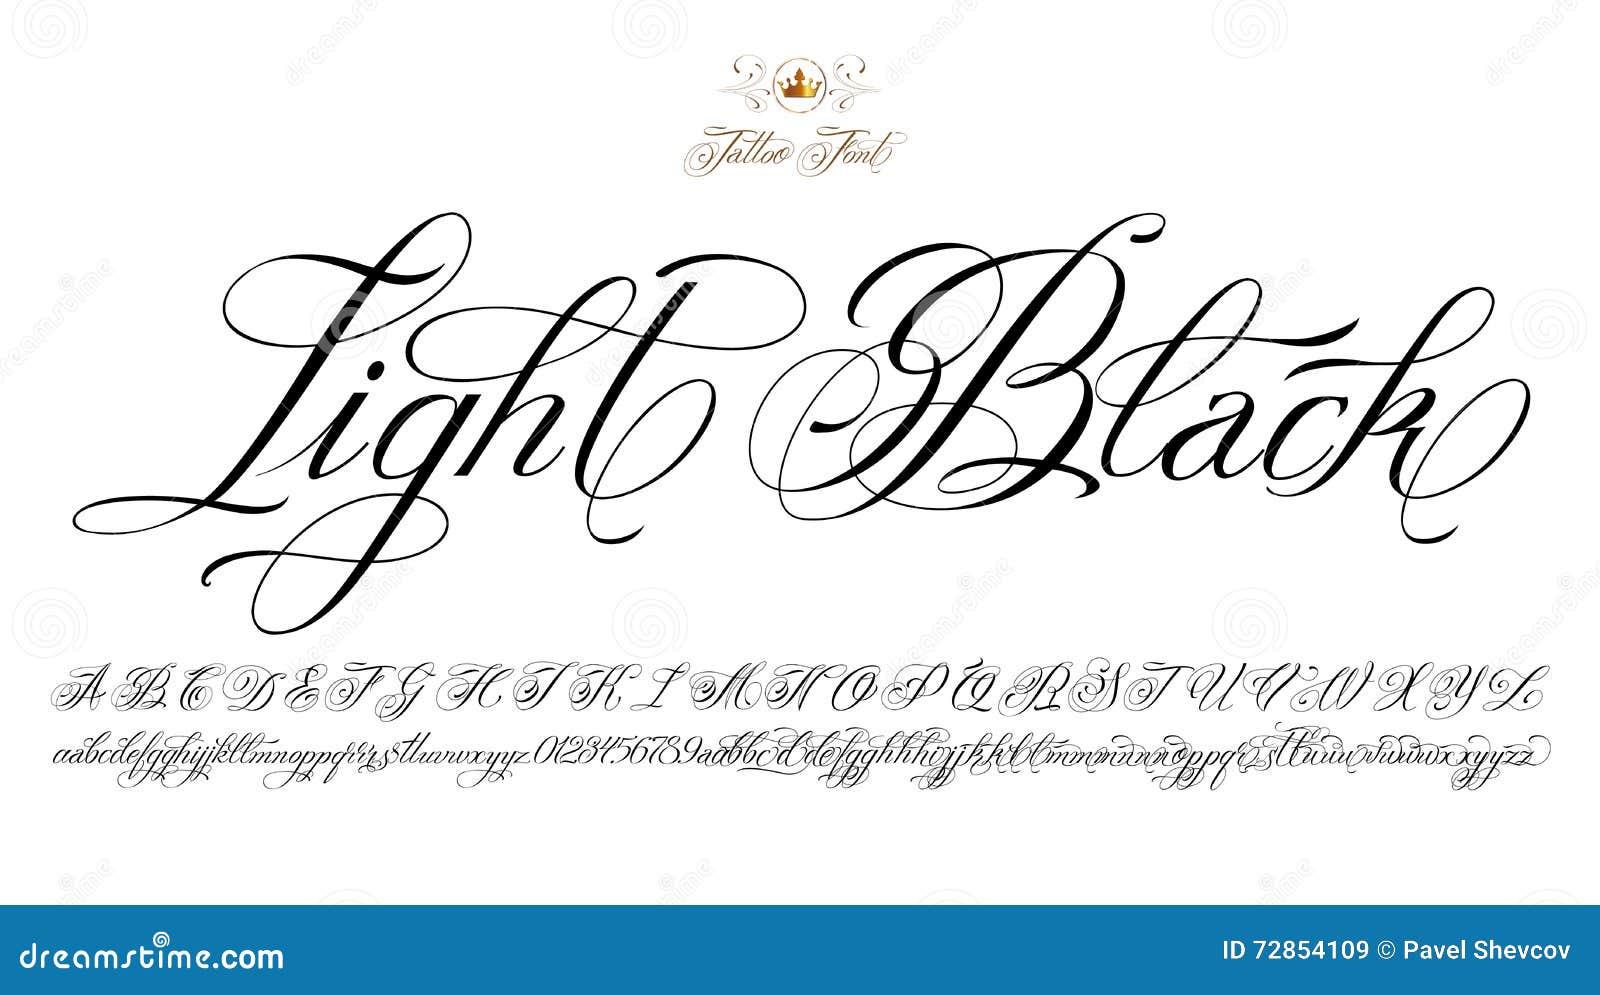 Шрифт для тату надписей на английском фото